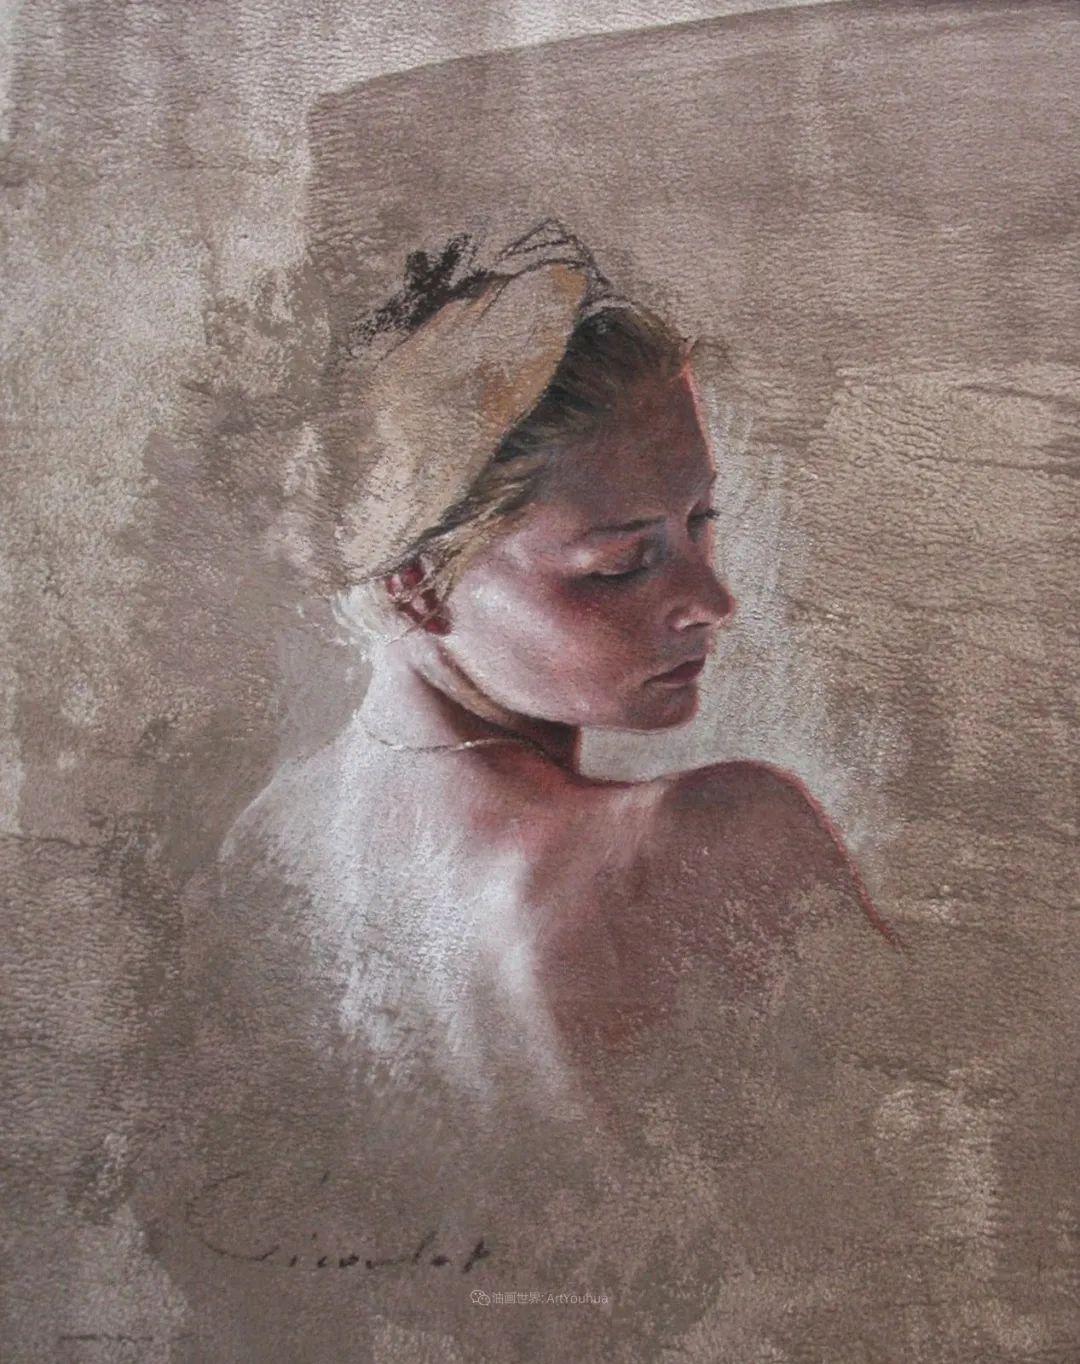 法国女粉彩大师,描绘的女性之美,细腻柔和!插图63